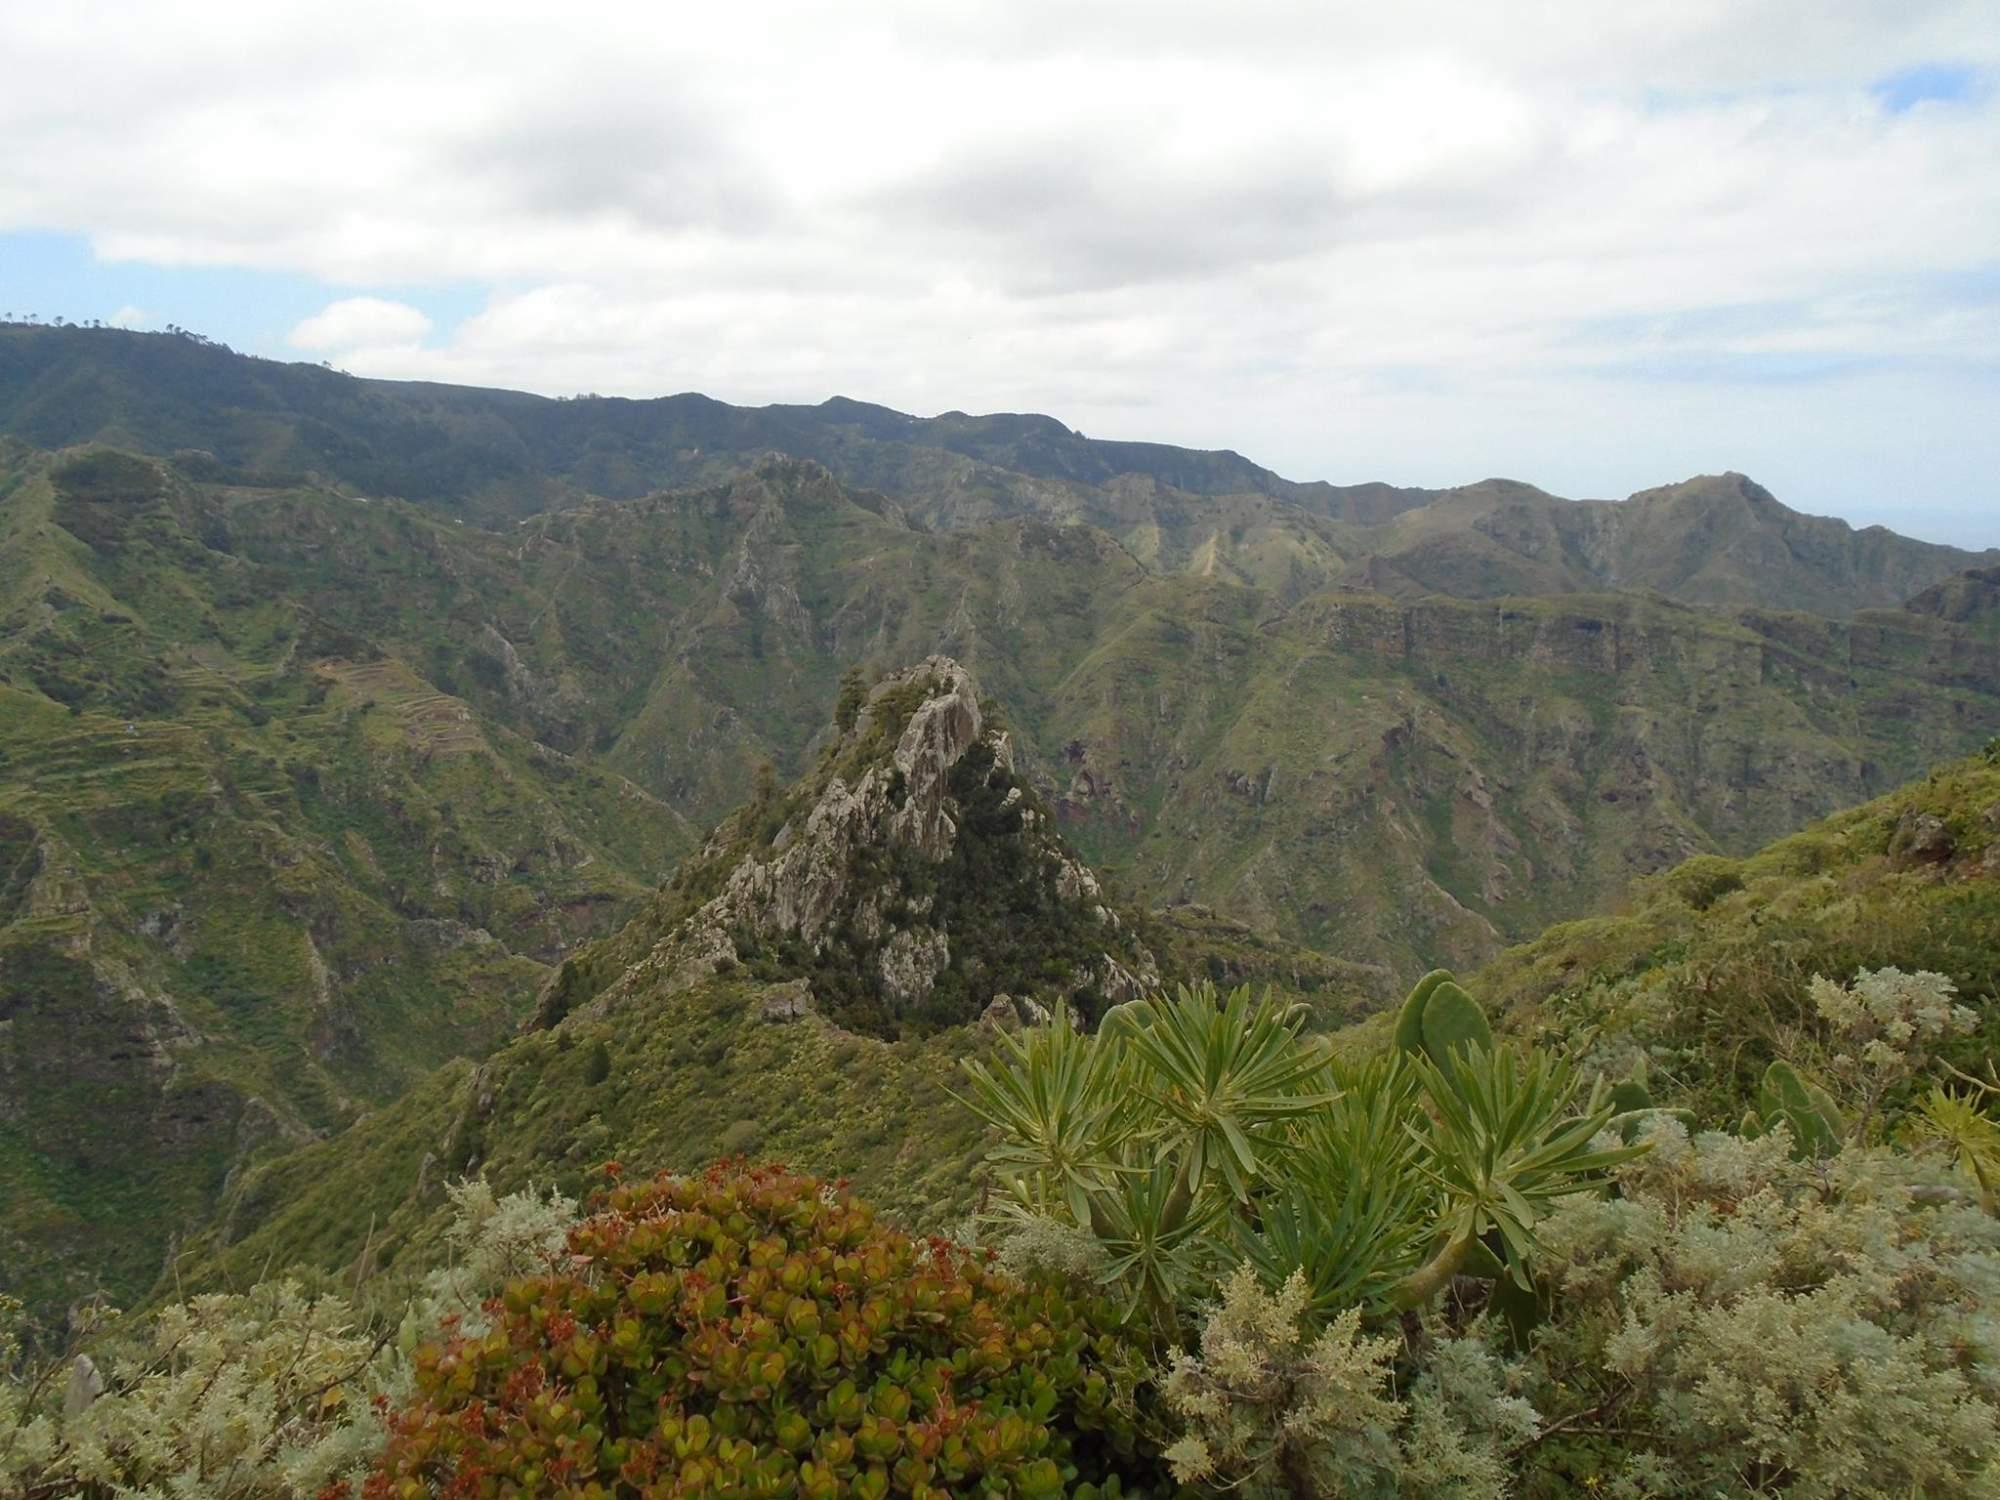 Tenerife není jen moře - ve středu ostrova je velký národní park. | FOTO: Jana Kmecová